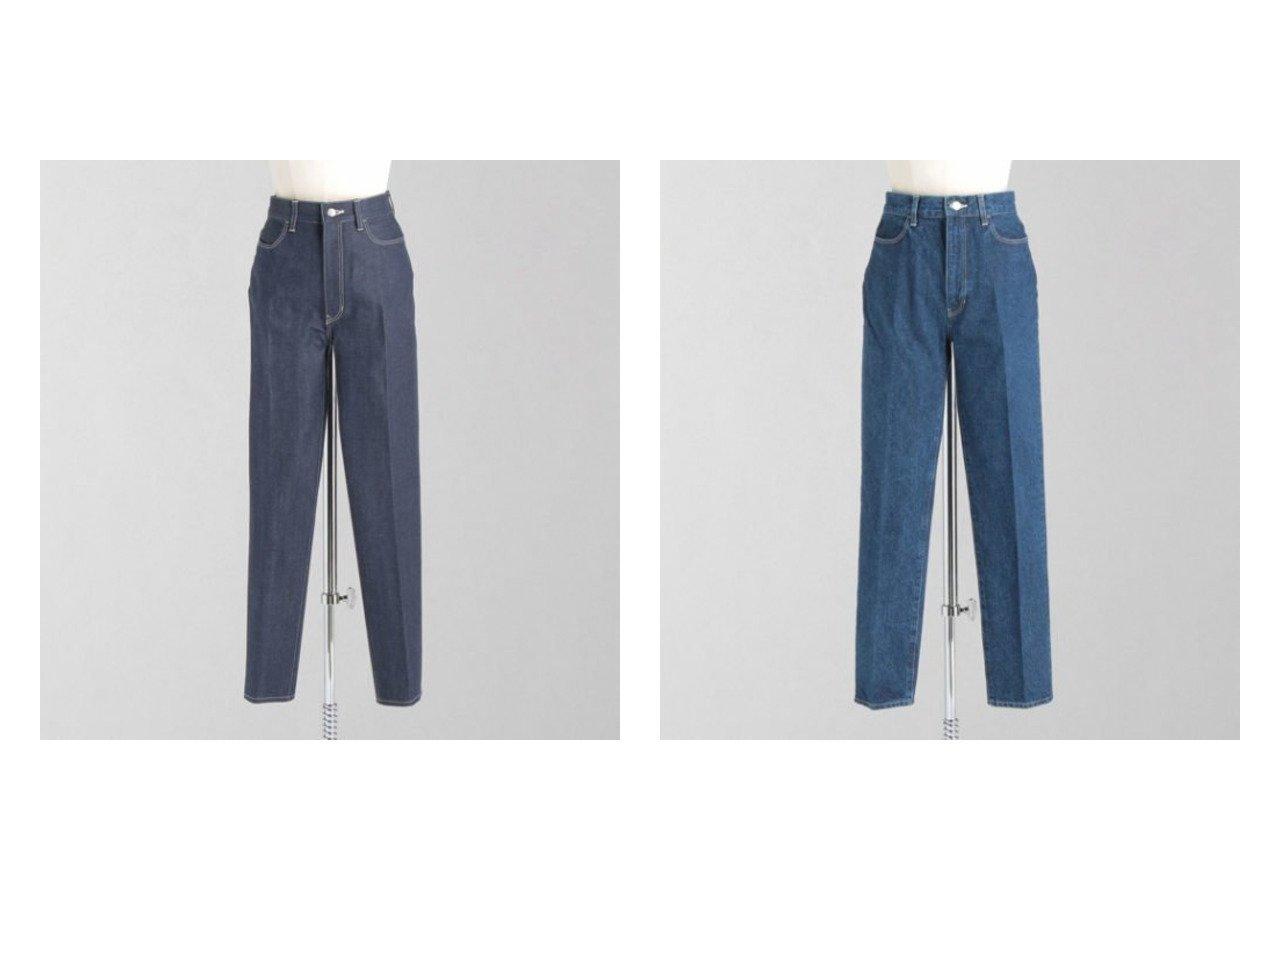 【LOEFF/ロエフ】の13oz スラックス デニムパンツ NAVY&13oz スラックス デニムパンツ COBALT 【パンツ】おすすめ!人気、トレンド・レディースファッションの通販 おすすめで人気の流行・トレンド、ファッションの通販商品 インテリア・家具・メンズファッション・キッズファッション・レディースファッション・服の通販 founy(ファニー) https://founy.com/ ファッション Fashion レディースファッション WOMEN パンツ Pants デニムパンツ Denim Pants エレガント スラックス センター デニム おすすめ Recommend |ID:crp329100000059141